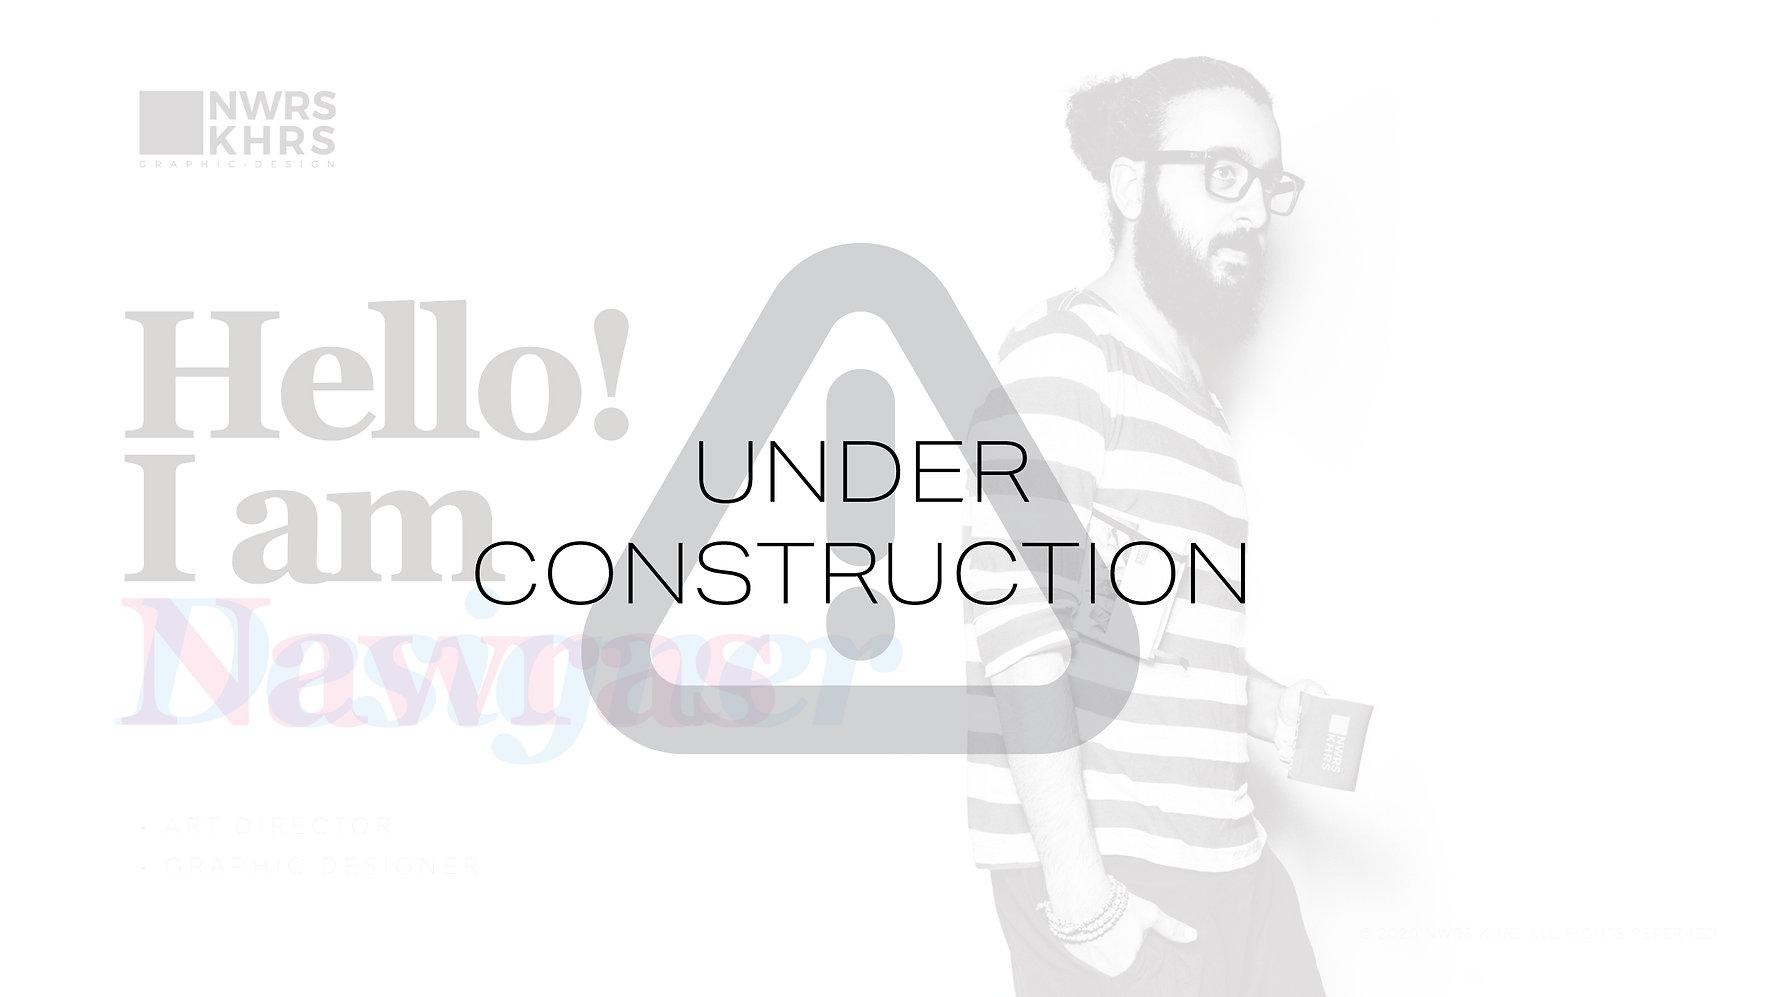 UnderConstruction2020.jpg